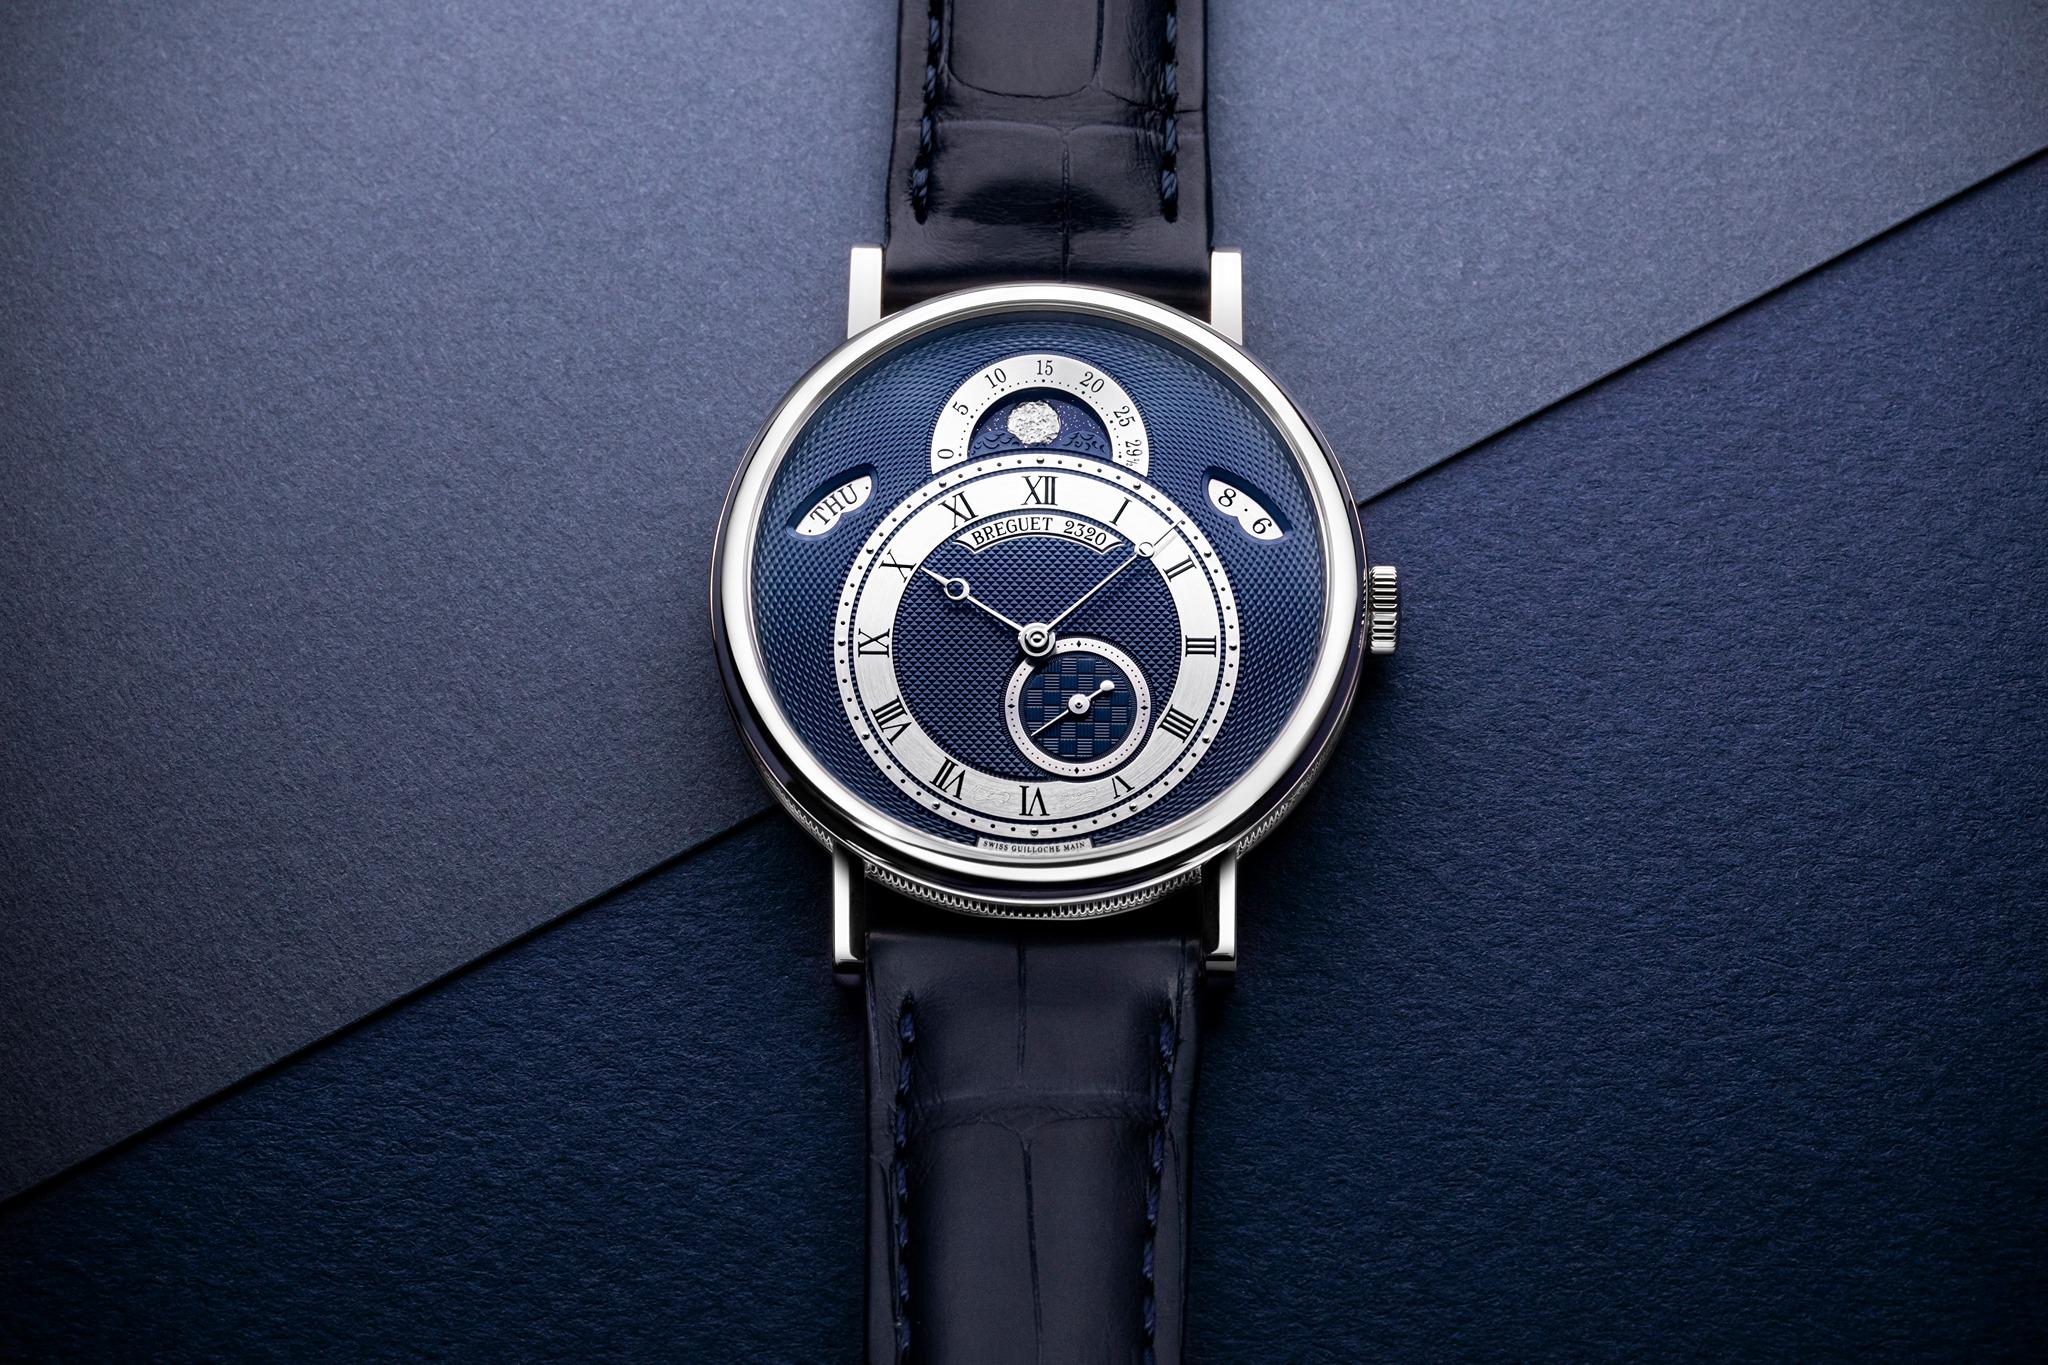 Breguet Classique 7337-